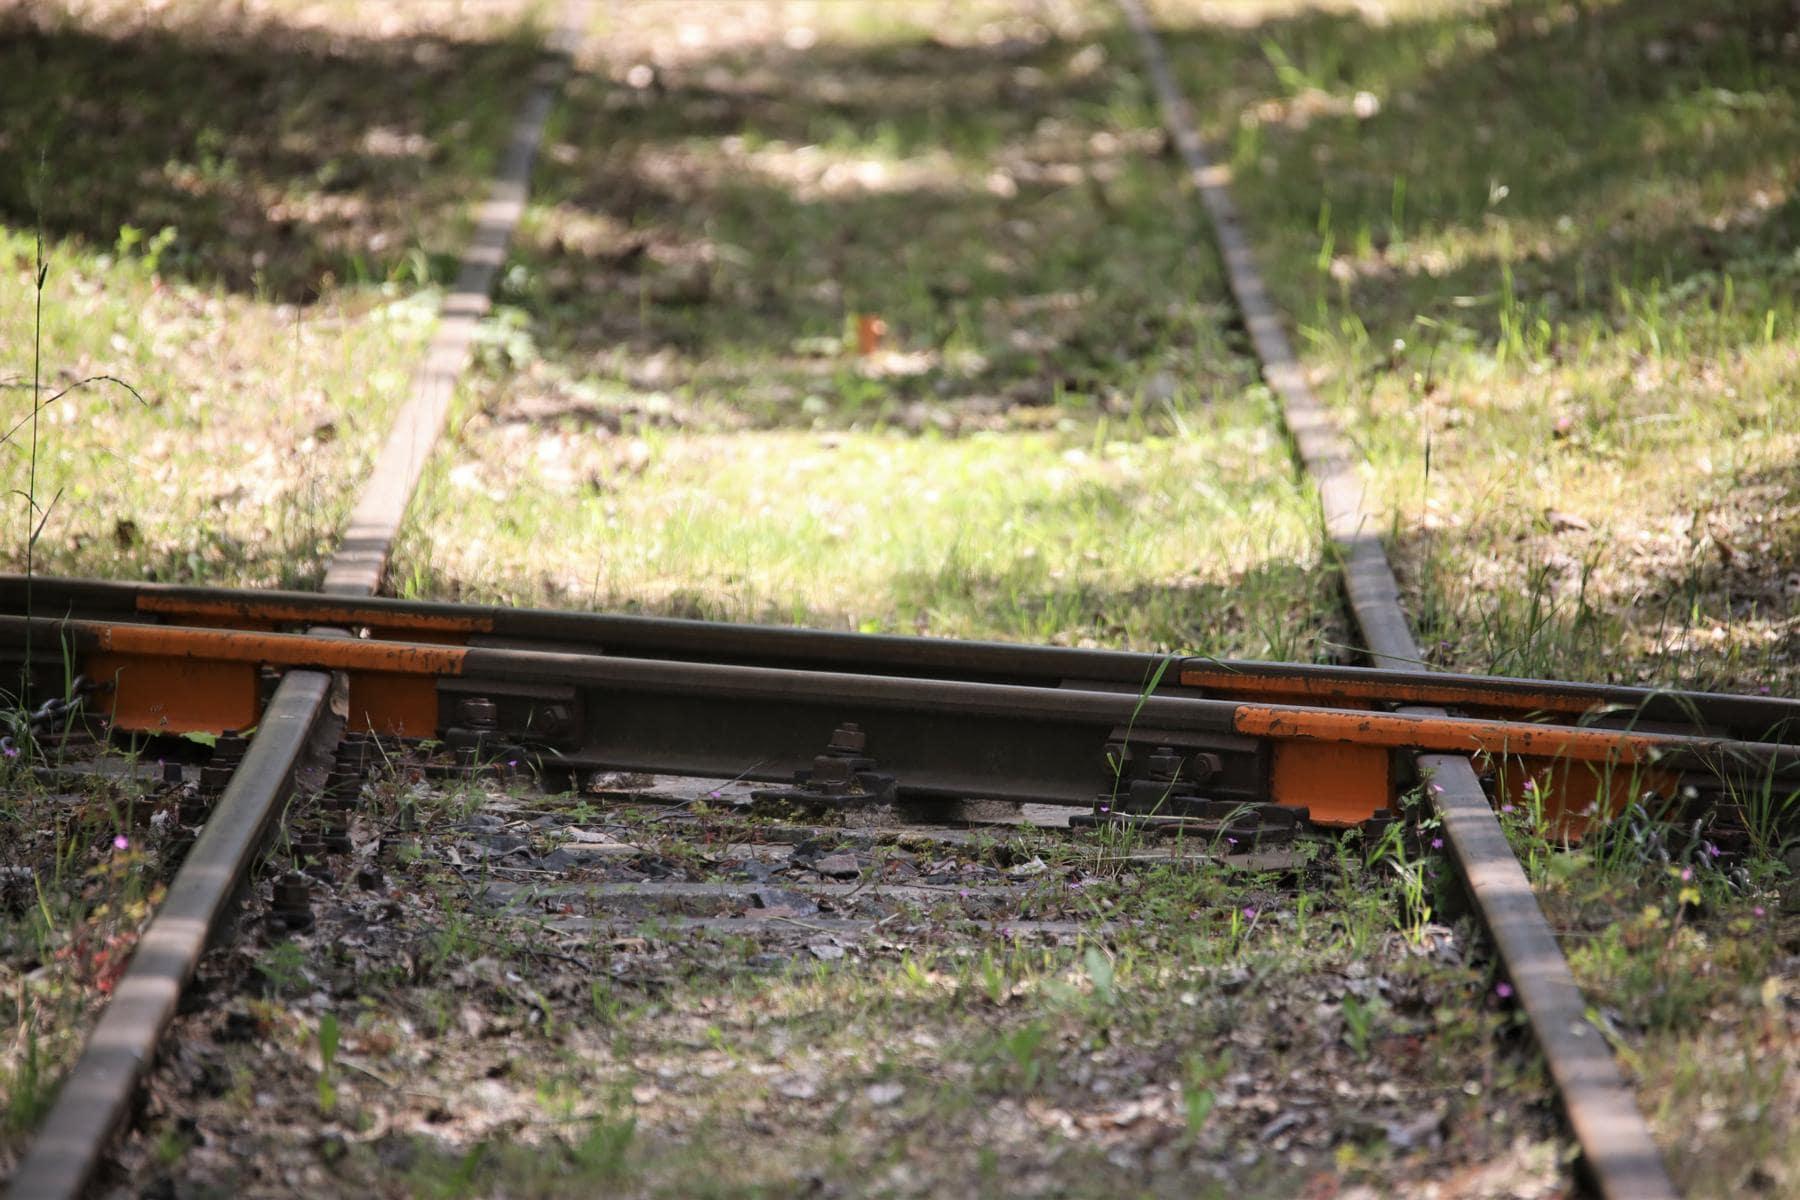 ©Foto: Christian Wodzinski | railmen | Eine selten anzutreffende Kreuzung von Bahnen – hier der Feldbahn über ein Nebengleis des Bahnbetriebswerkes Hilbersdorf